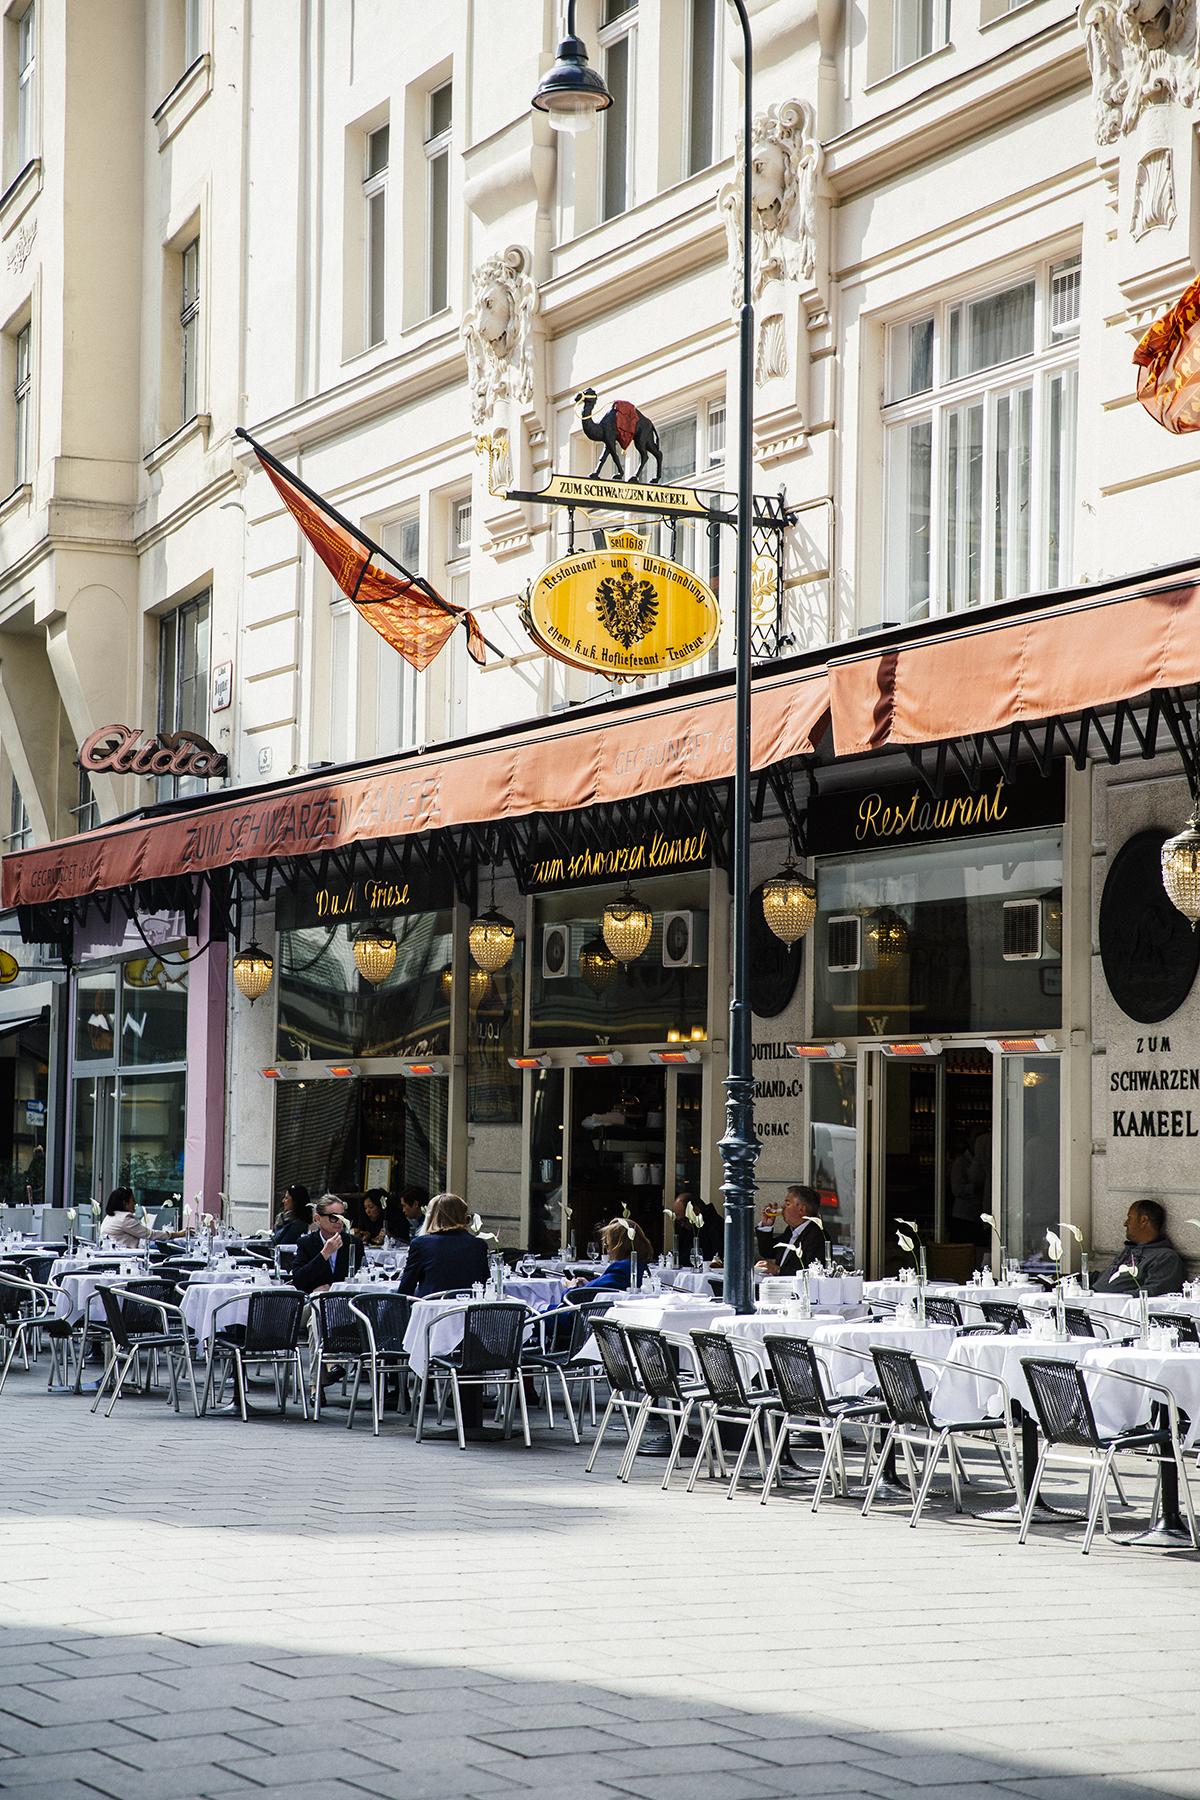 Vienna Austria cafe Stylesnooperdan 1.jpg